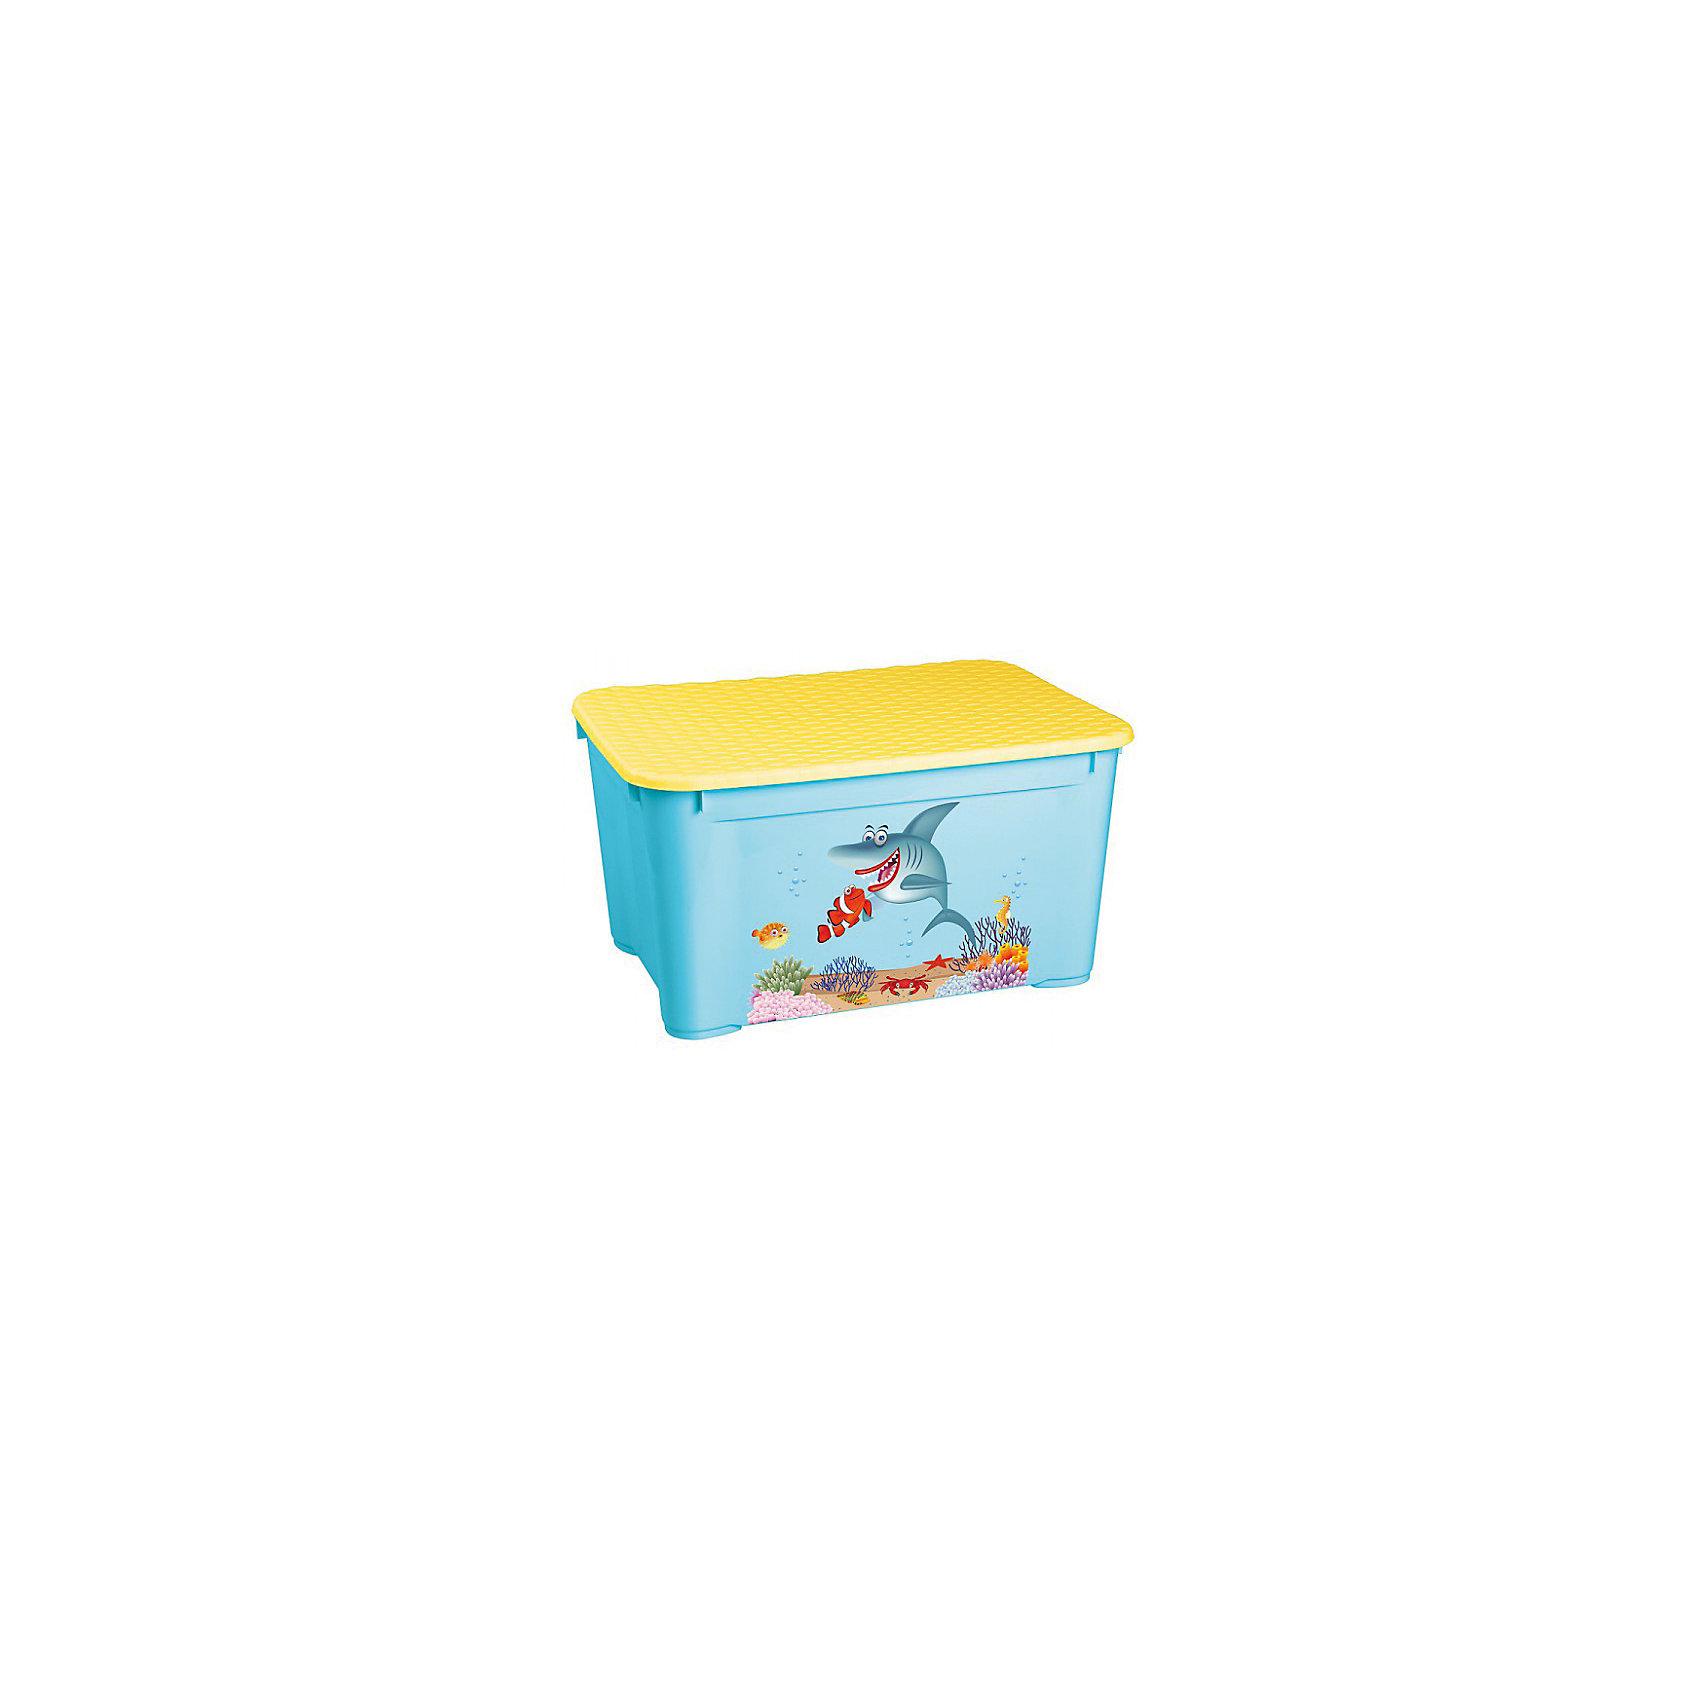 Ящик для игрушек 555х390х290 мм, Пластишка, голубойПорядок в детской<br>Ящик для игрушек 555х390х290 мм, Пластишка, голубой - позволит приучить ребенка к уборке.<br>Контейнер изготовлен из качественного пластика, не токсичен для малышей. Вместительный, но в тоже время очень компактный ящик с крышечкой. Подойдет для упаковки игрушек, одежды, аксессуаров. Благодаря колесикам легко перемещается по комнате. Легкое скольжение позволит малышу самому привозить и увозить ящик.<br><br>Дополнительная информация: <br><br>- материал: полипропилен<br>- цвет: голубой<br>- размер: 555х390х290 мм<br><br>Ящик для игрушек 555х390х290 мм, Пластишка, голубой можно купить в нашем интернет магазине.<br><br>Ширина мм: 560<br>Глубина мм: 390<br>Высота мм: 500<br>Вес г: 1396<br>Возраст от месяцев: 12<br>Возраст до месяцев: 72<br>Пол: Мужской<br>Возраст: Детский<br>SKU: 4972221